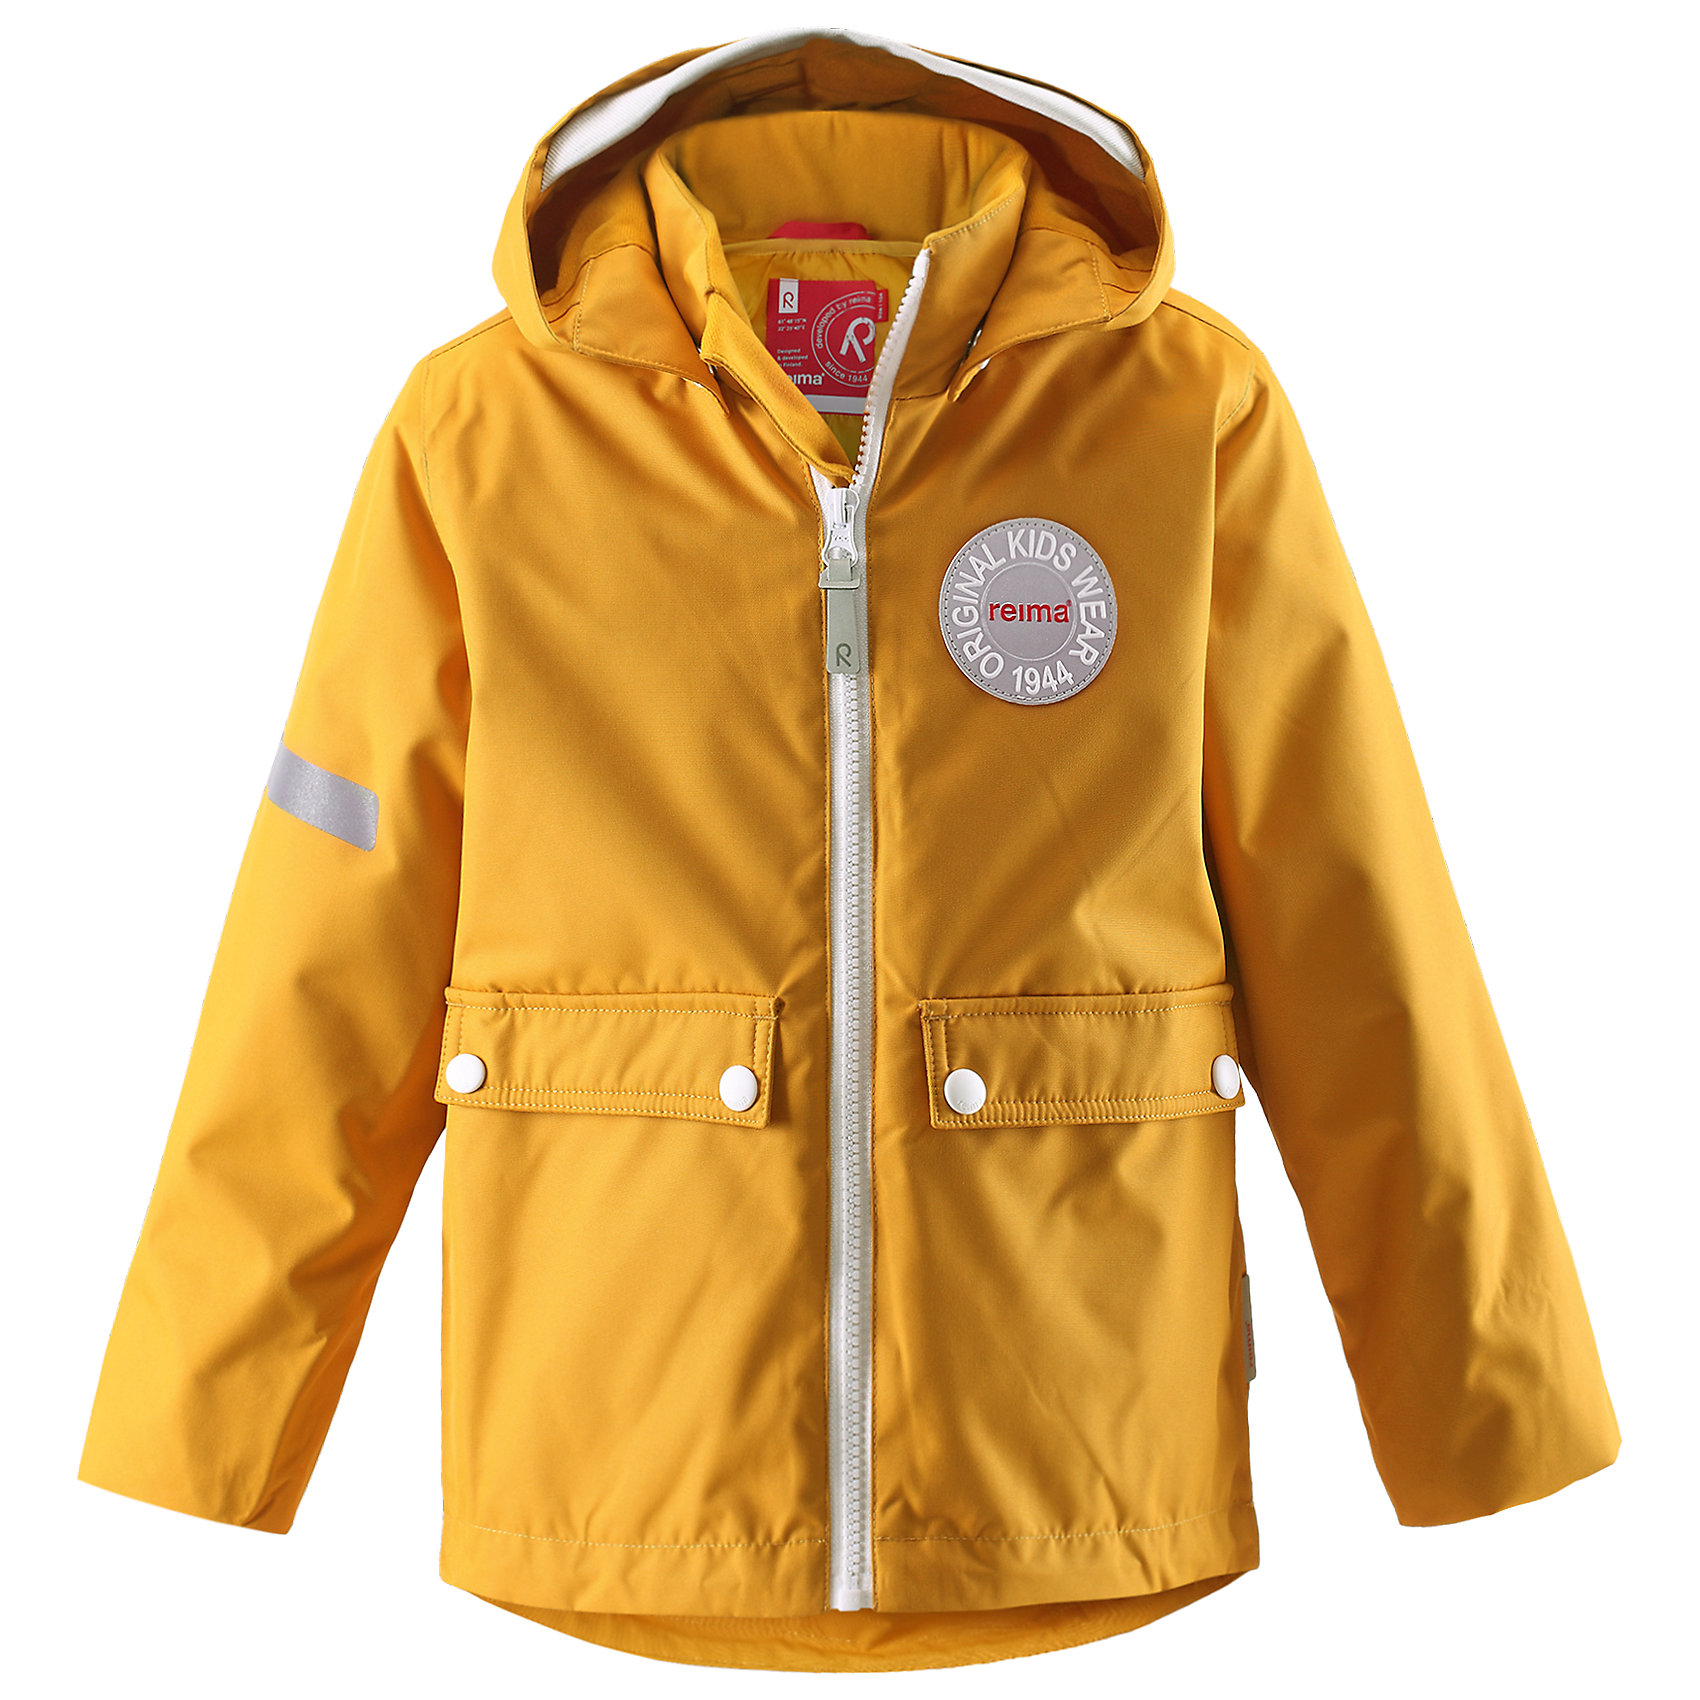 Куртка Taag ReimaКуртка  Reima<br>Зимняя куртка для детей. Основные швы проклеены и не пропускают влагу. Водо- и ветронепроницаемый, «дышащий» и грязеотталкивающий материал. Съемная стеганная подкладка. Безопасный, съемный капюшон. Мягкая резинка на кромке капюшона и манжетах. Регулируемый подол. Два кармана с клапанами.<br>Утеплитель: Reima® Soft Loft insulation,160 g<br>Уход:<br>Стирать по отдельности, вывернув наизнанку. Застегнуть молнии и липучки. Стирать моющим средством, не содержащим отбеливающие вещества. Полоскать без специального средства. Во избежание изменения цвета изделие необходимо вынуть из стиральной машинки незамедлительно после окончания программы стирки. Сушить при низкой температуре. <br>Состав:<br>100% Полиамид, полиуретановое покрытие<br><br>Ширина мм: 356<br>Глубина мм: 10<br>Высота мм: 245<br>Вес г: 519<br>Цвет: желтый<br>Возраст от месяцев: 24<br>Возраст до месяцев: 36<br>Пол: Унисекс<br>Возраст: Детский<br>Размер: 98,122,110,140,134,128,104,116,92<br>SKU: 4777926